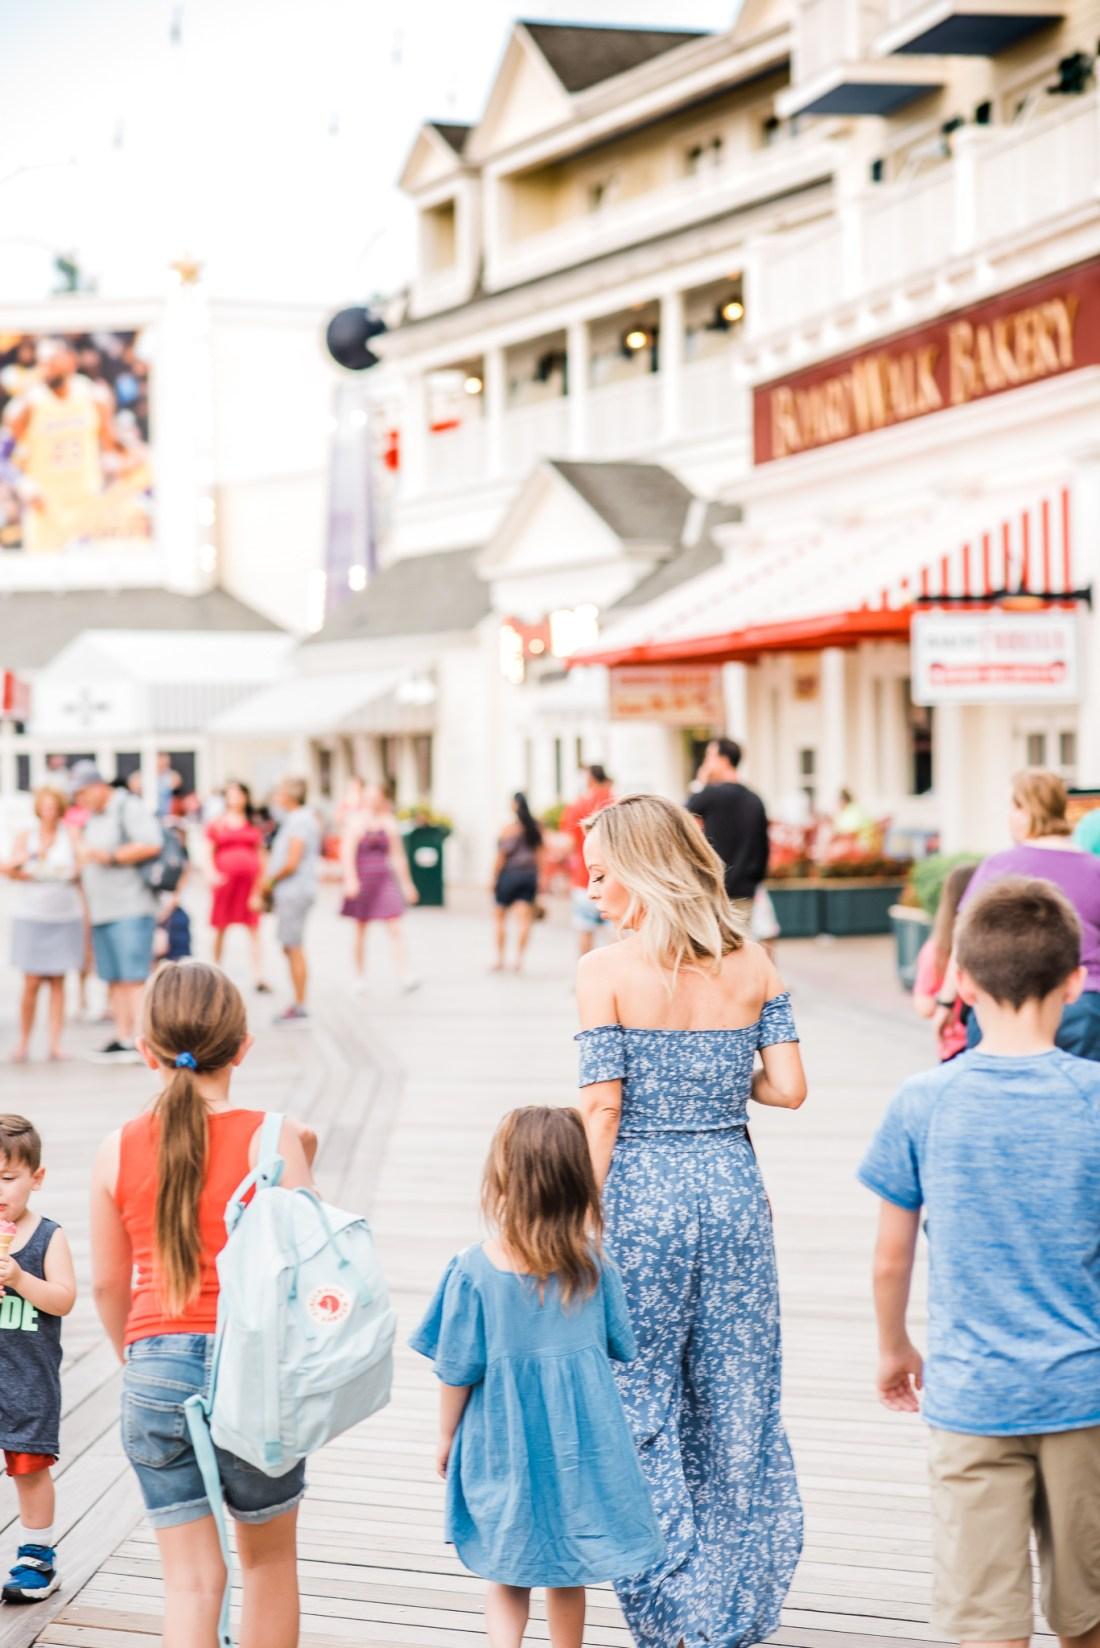 Must visit the Disney Boardwalk when in Orlando!